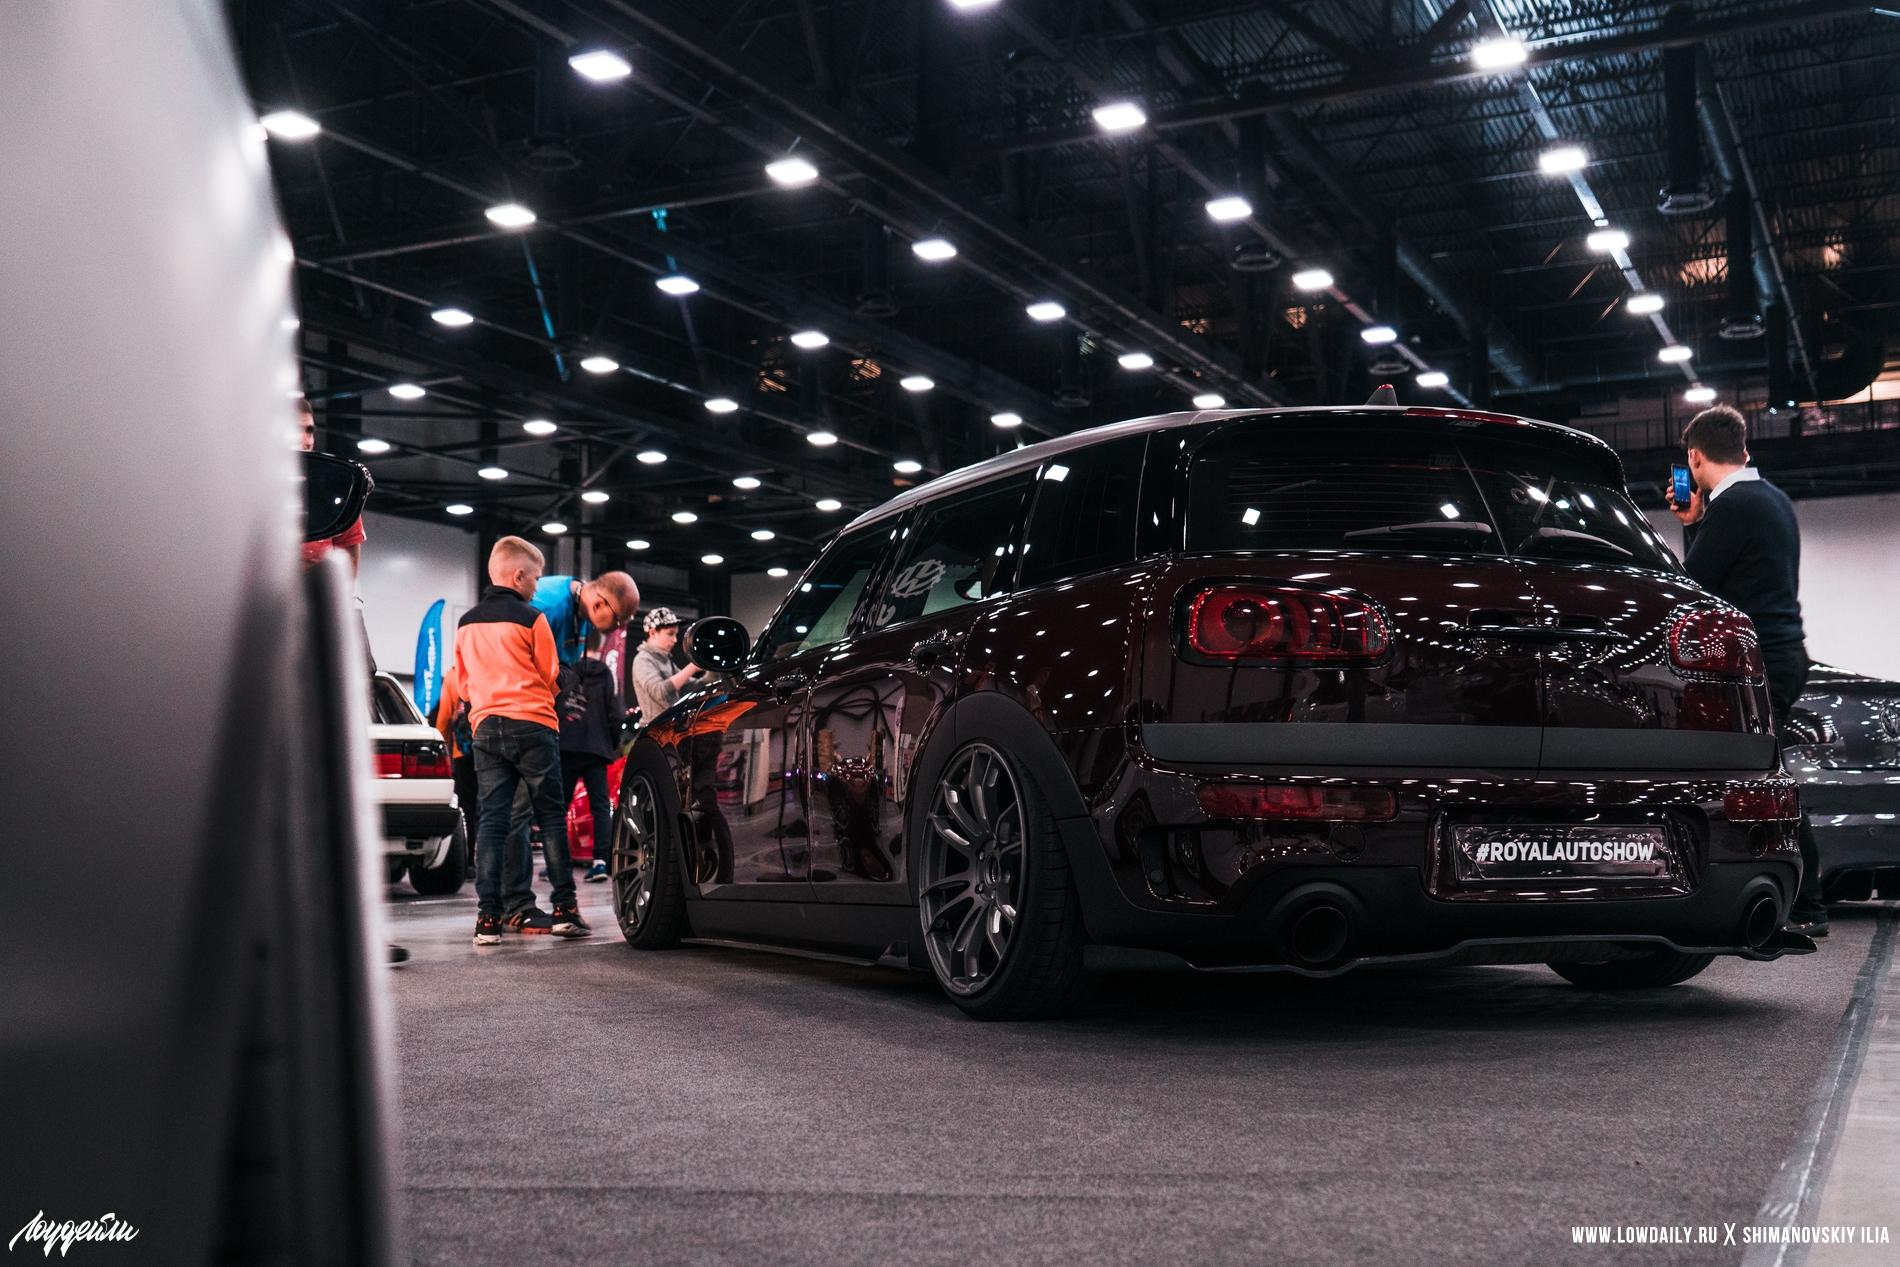 royal auto show DSC04295